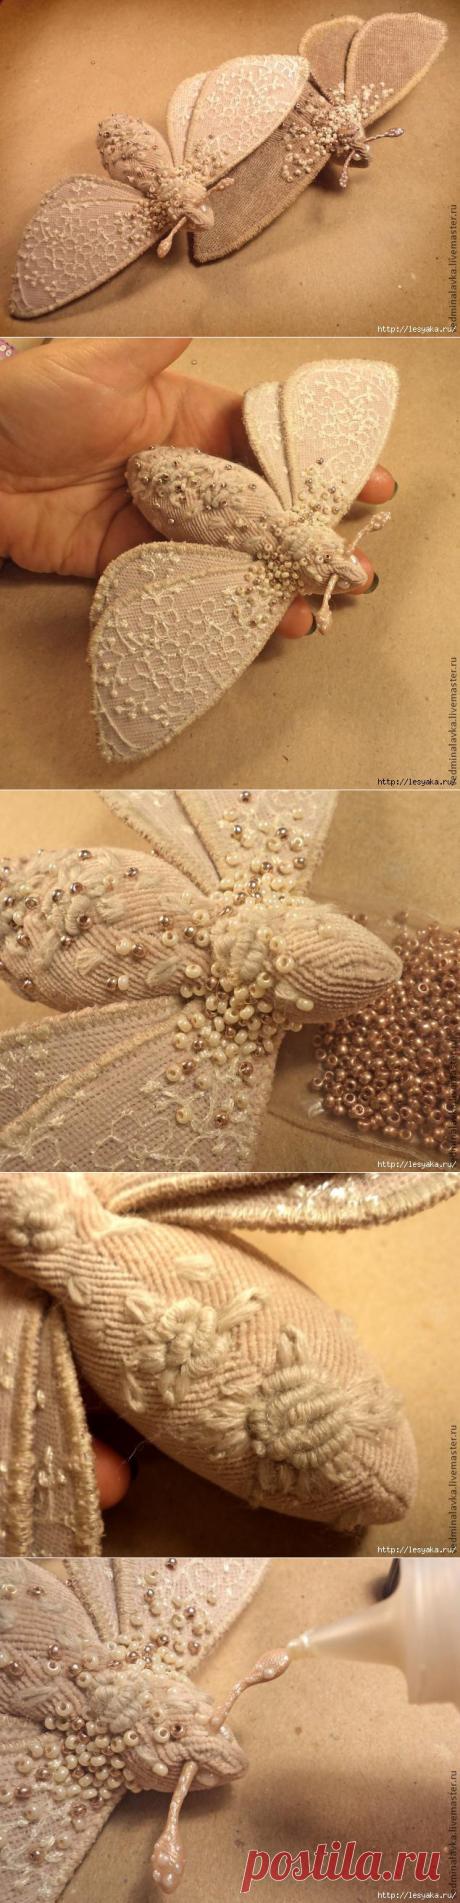 Мотылек - текстильная брошь бабочка своими руками (Diy) / Украшения и бижутерия / ВТОРАЯ УЛИЦА